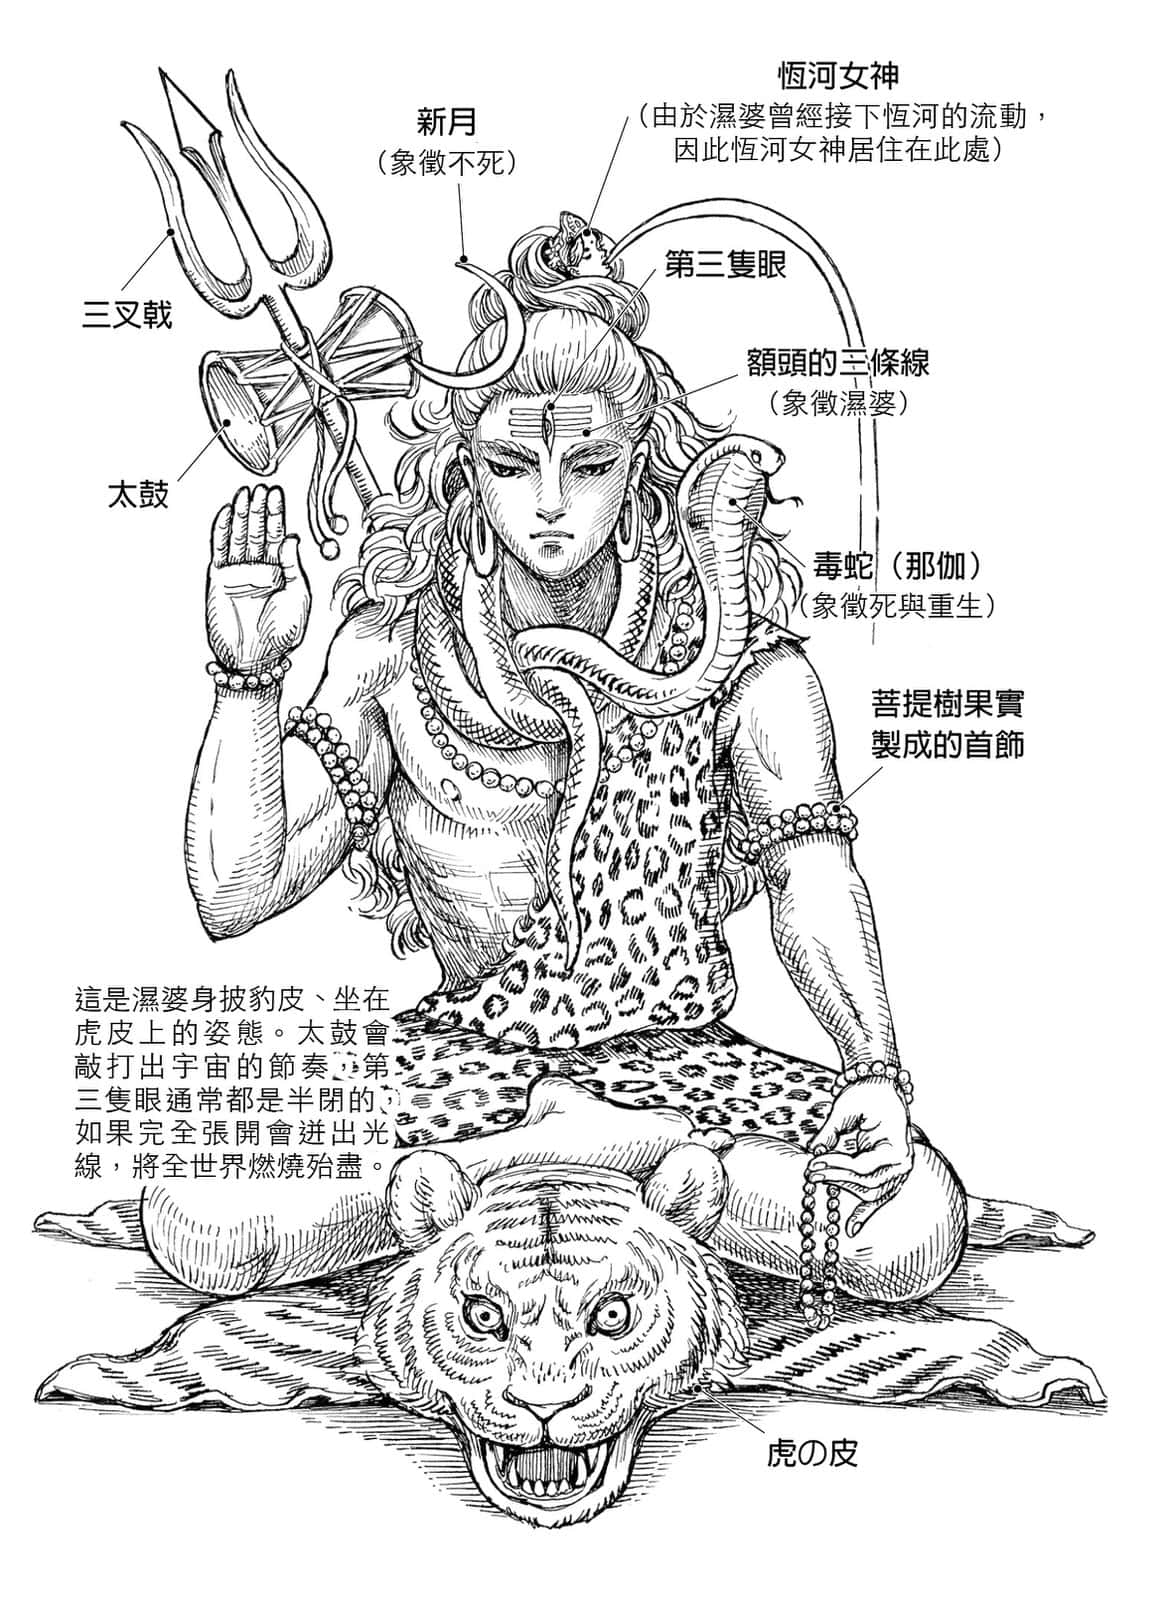 印度諸神皆有戲:司掌「破壞」的最高神明之一——濕婆